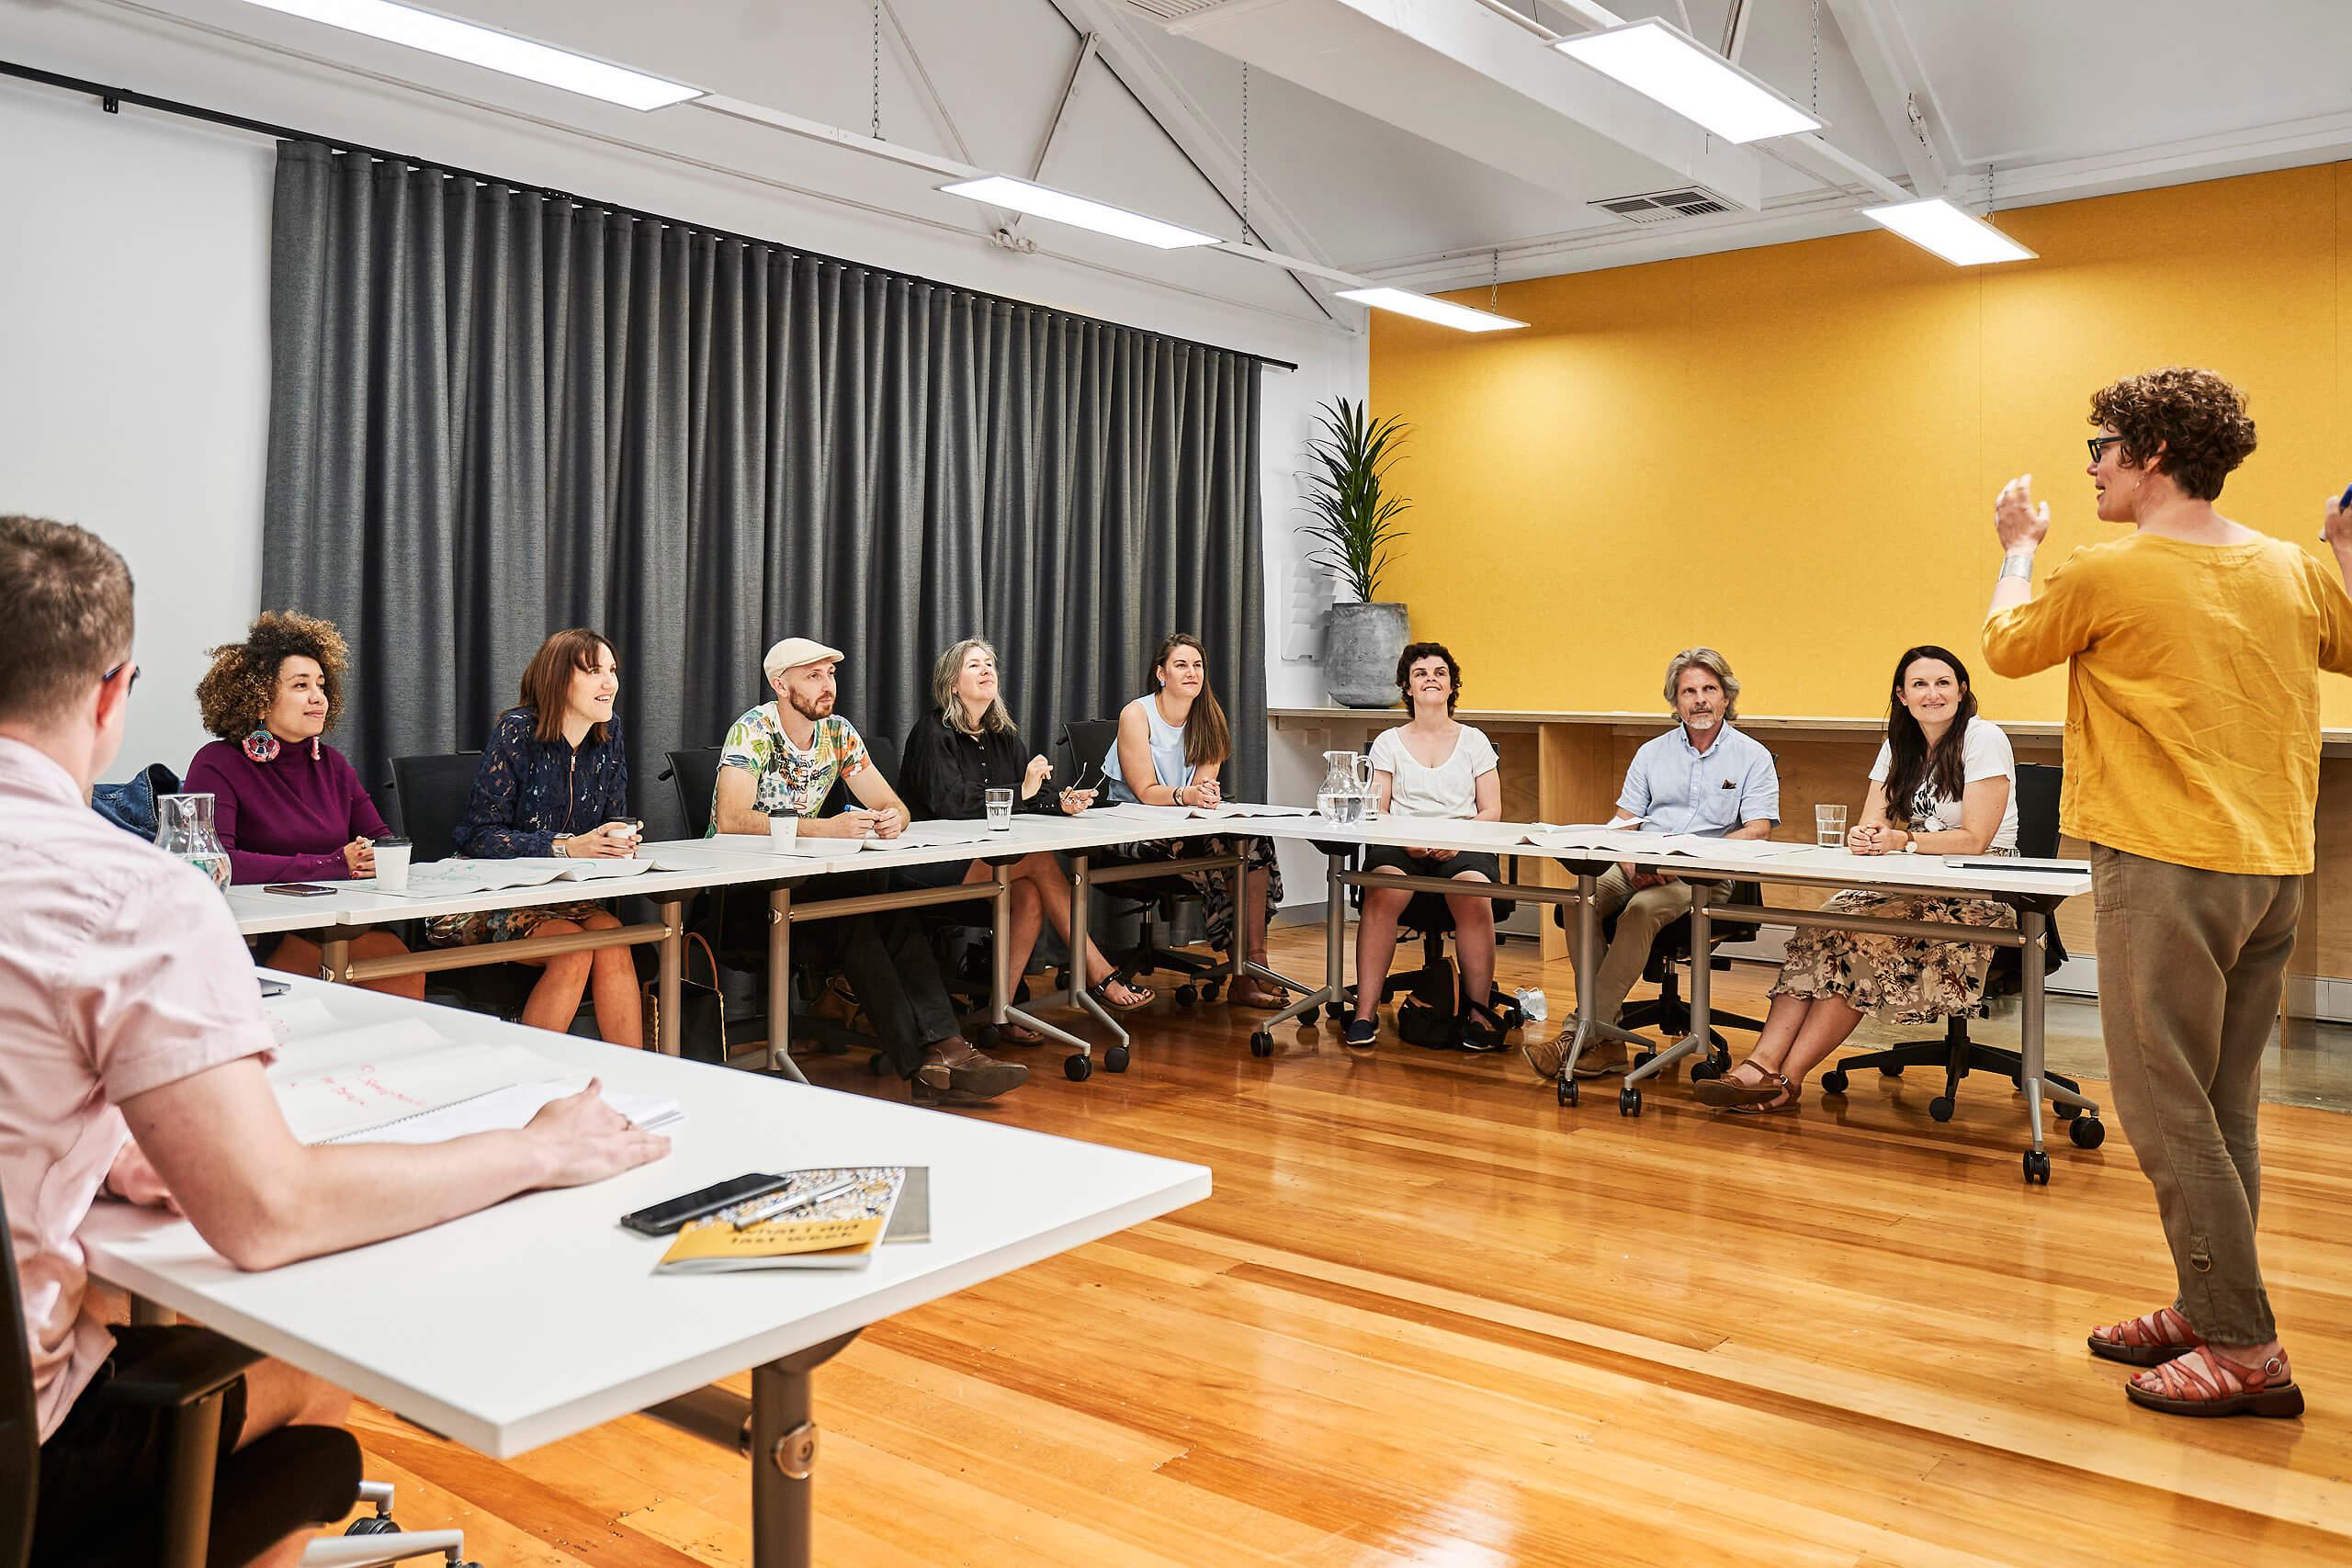 Creative Workshop Space inside Coworking Hub in Bendigo